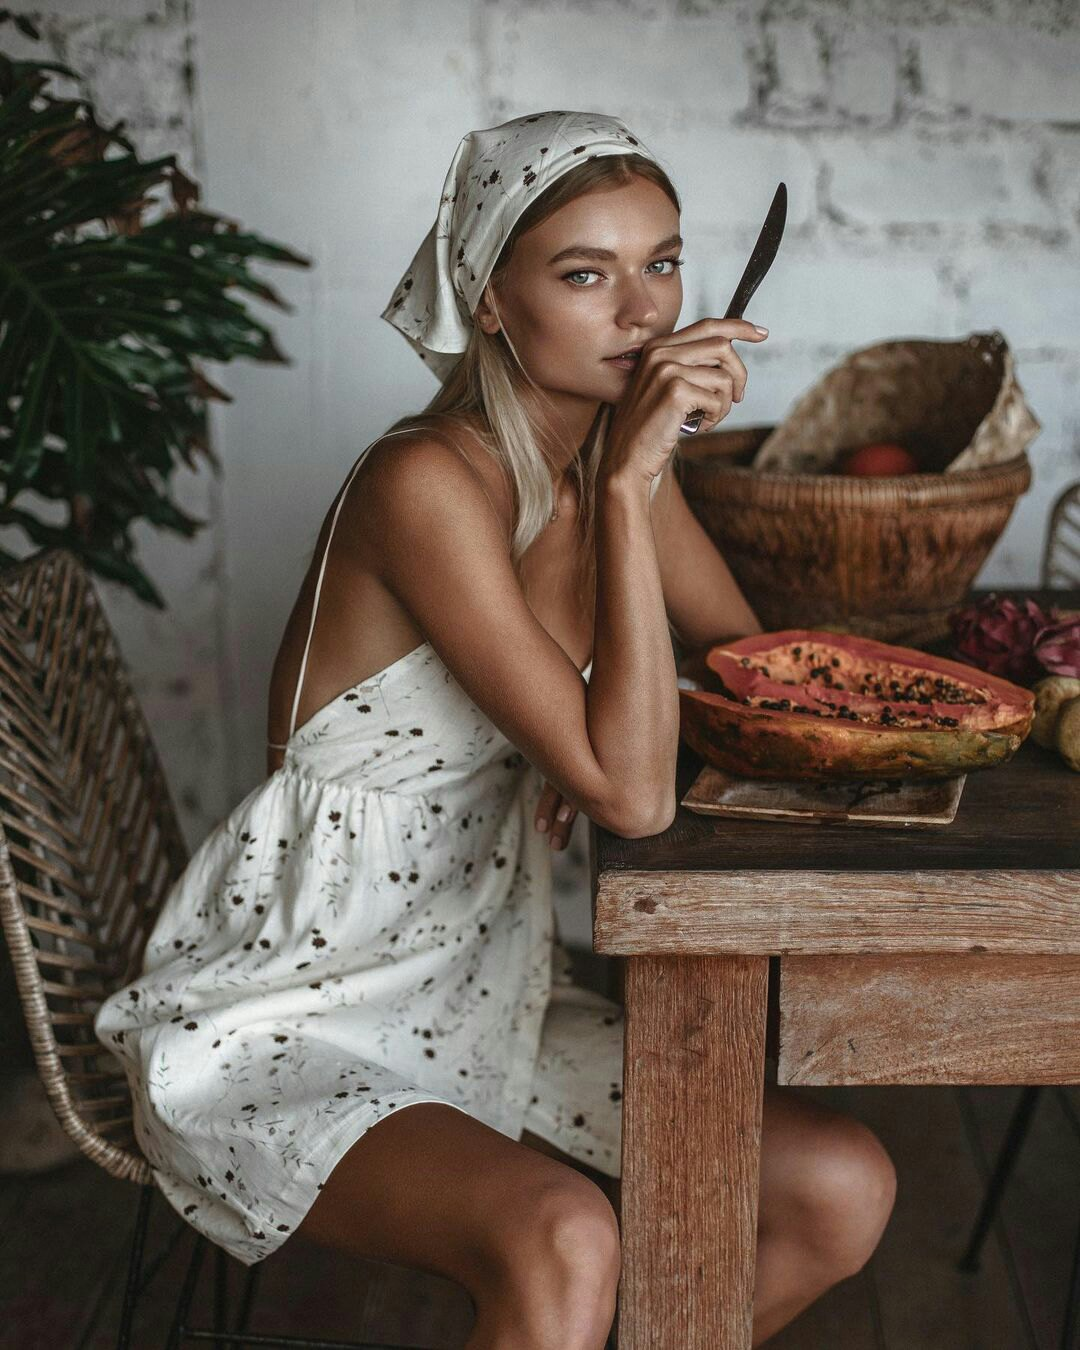 Polina Batychek by Mila Strogaya